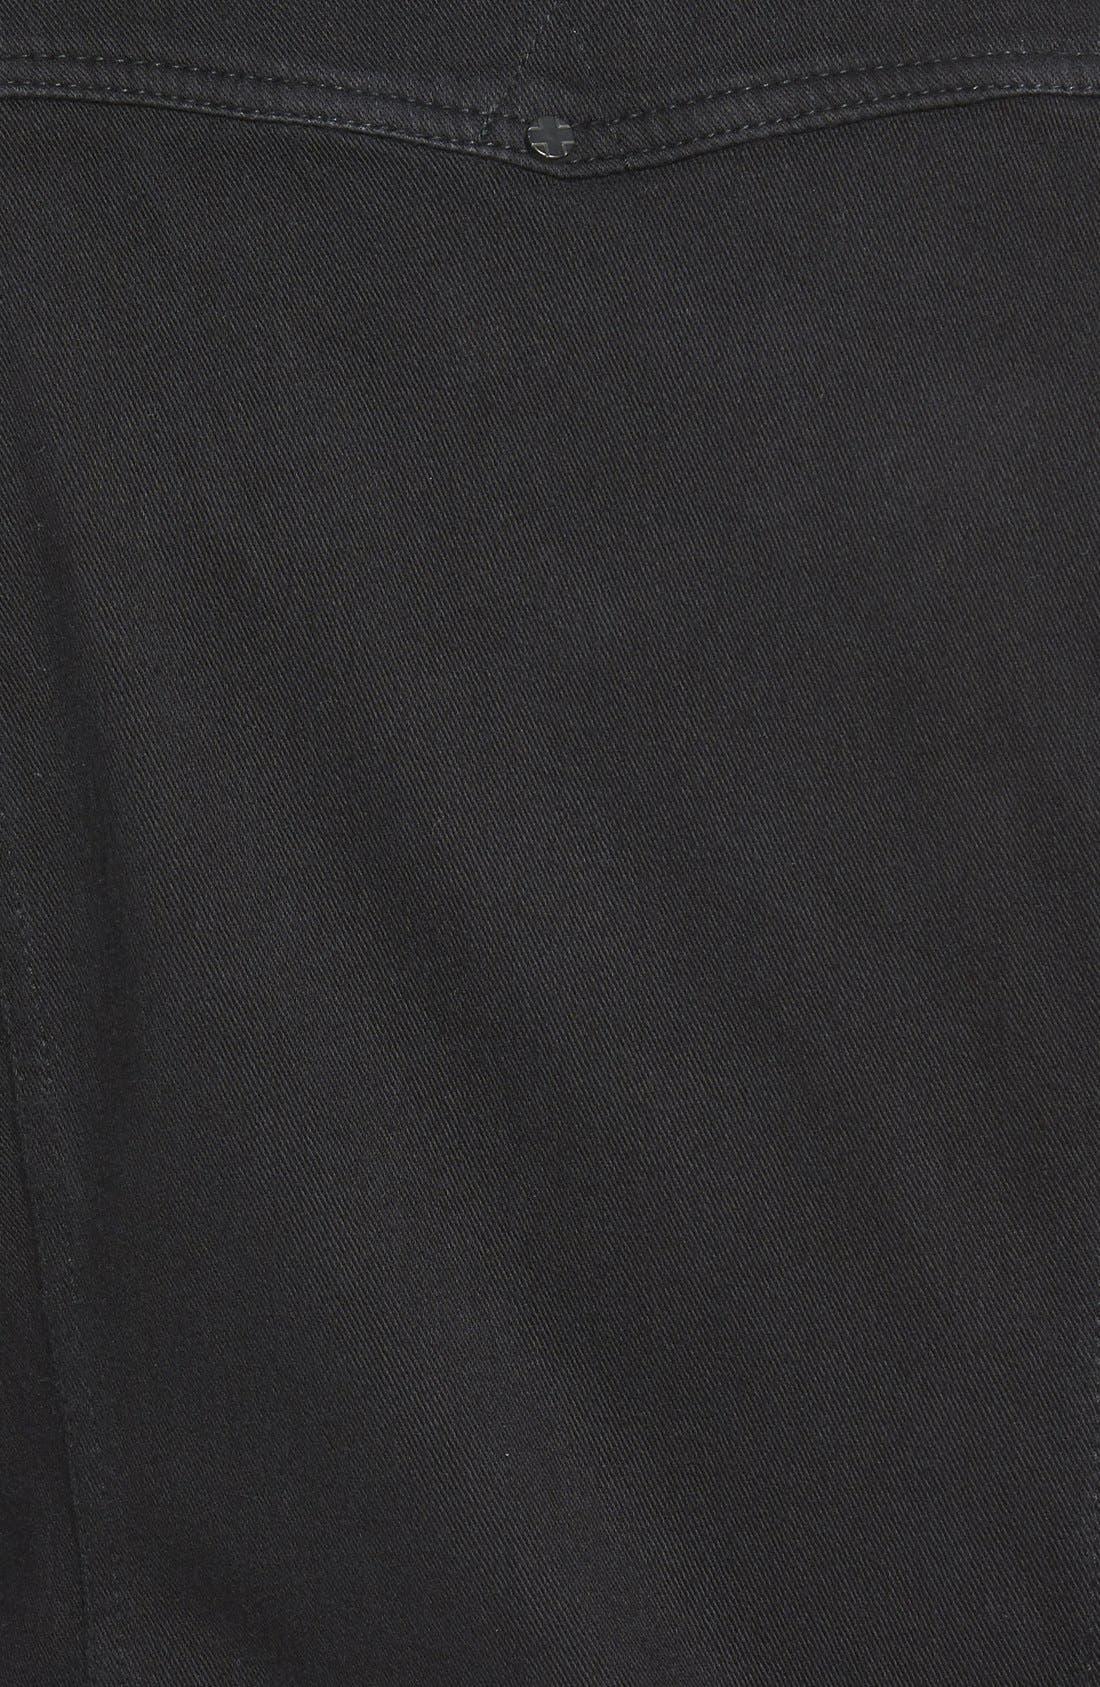 Jeans Co. Knit Denim Jacket,                             Alternate thumbnail 7, color,                             001